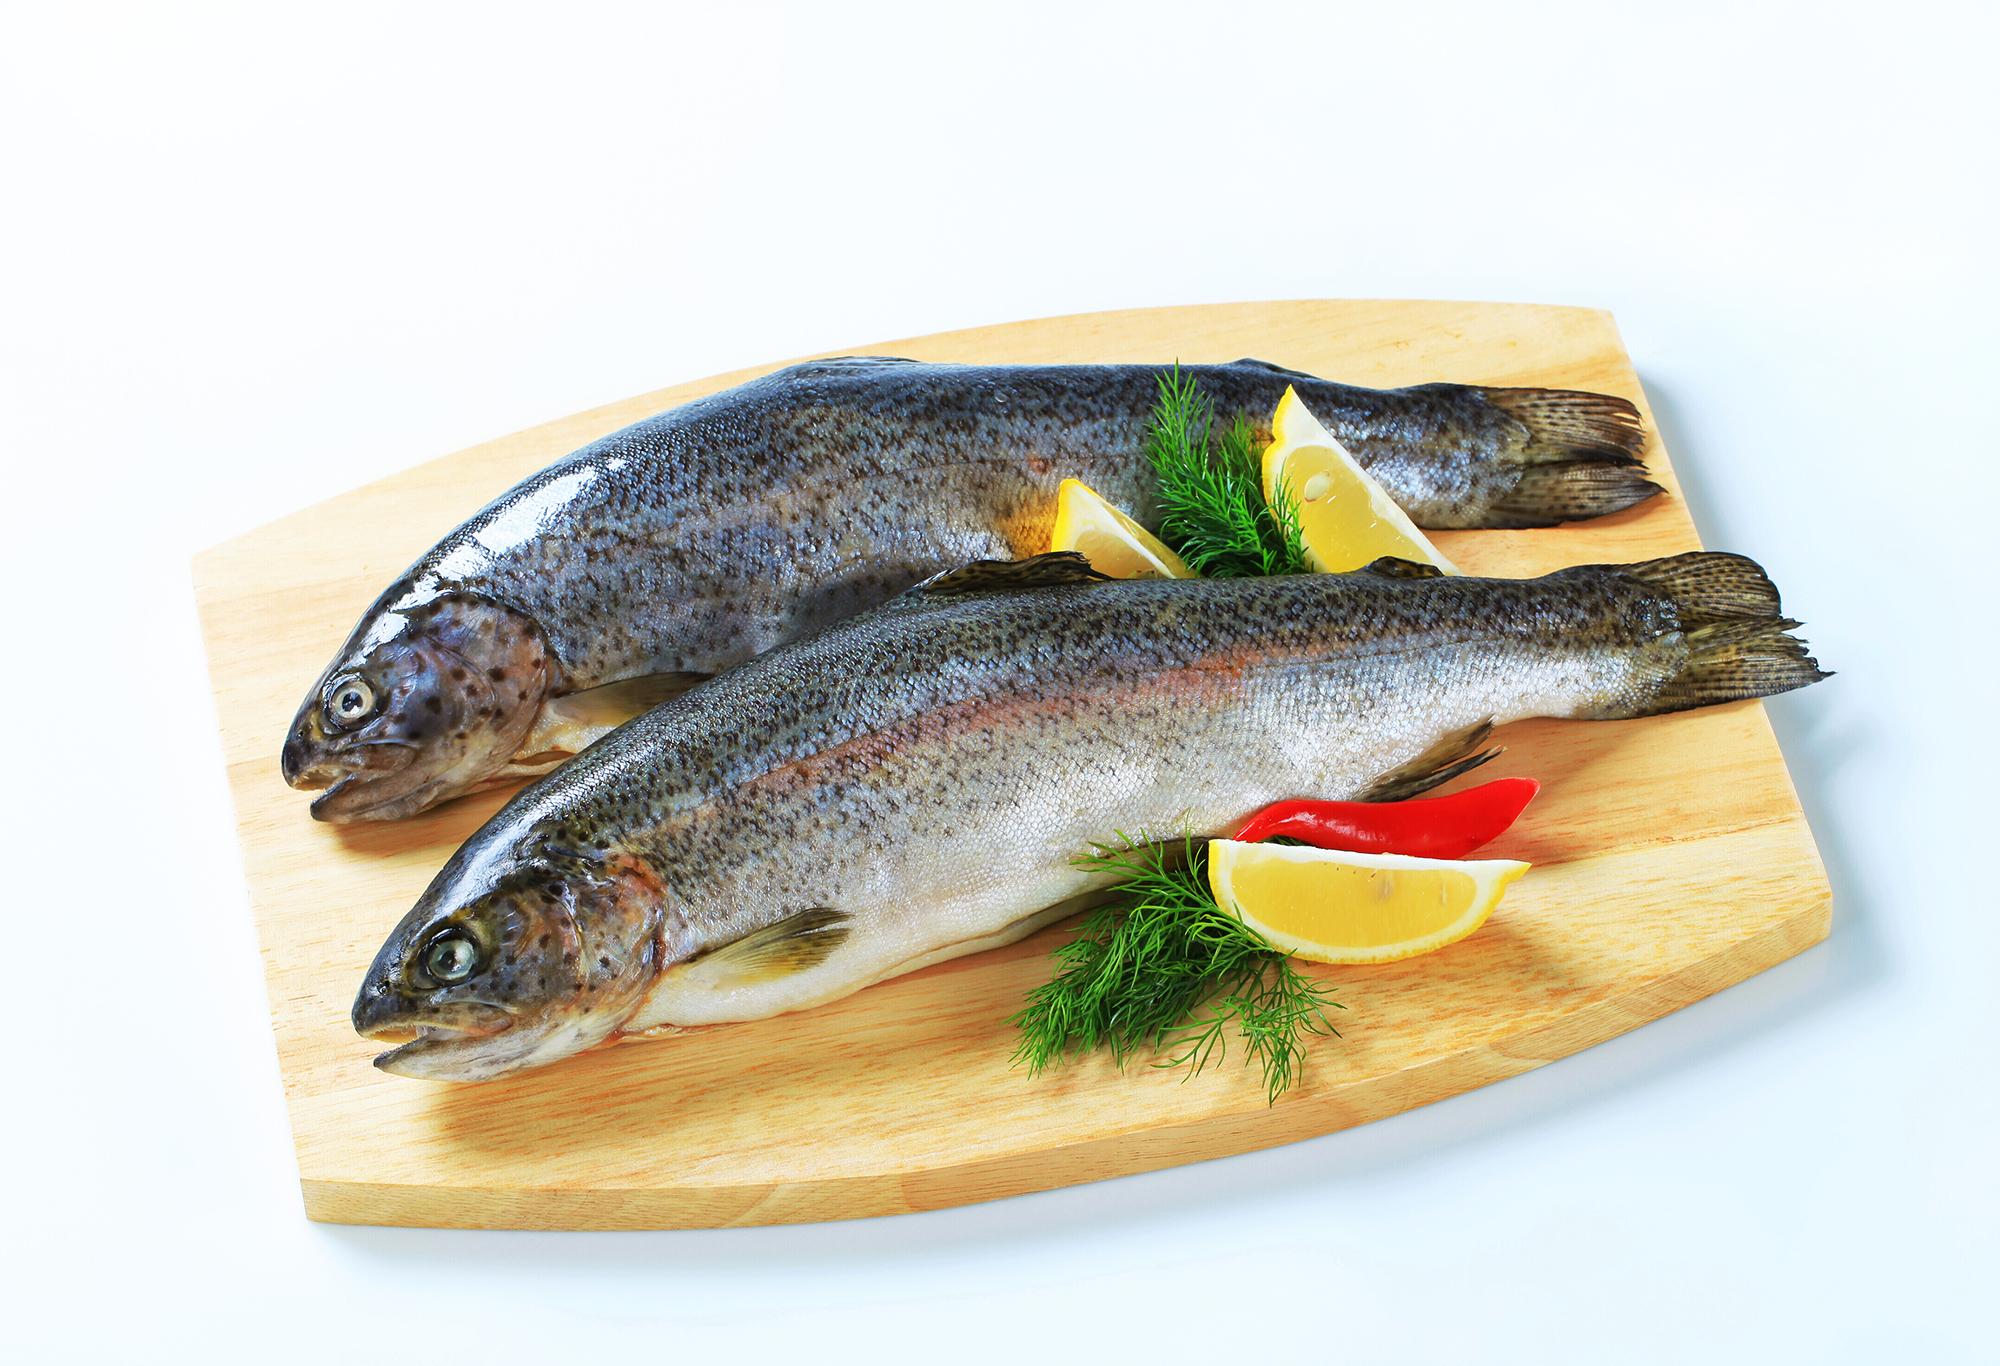 Fische sind gute Omega 3 Quellen